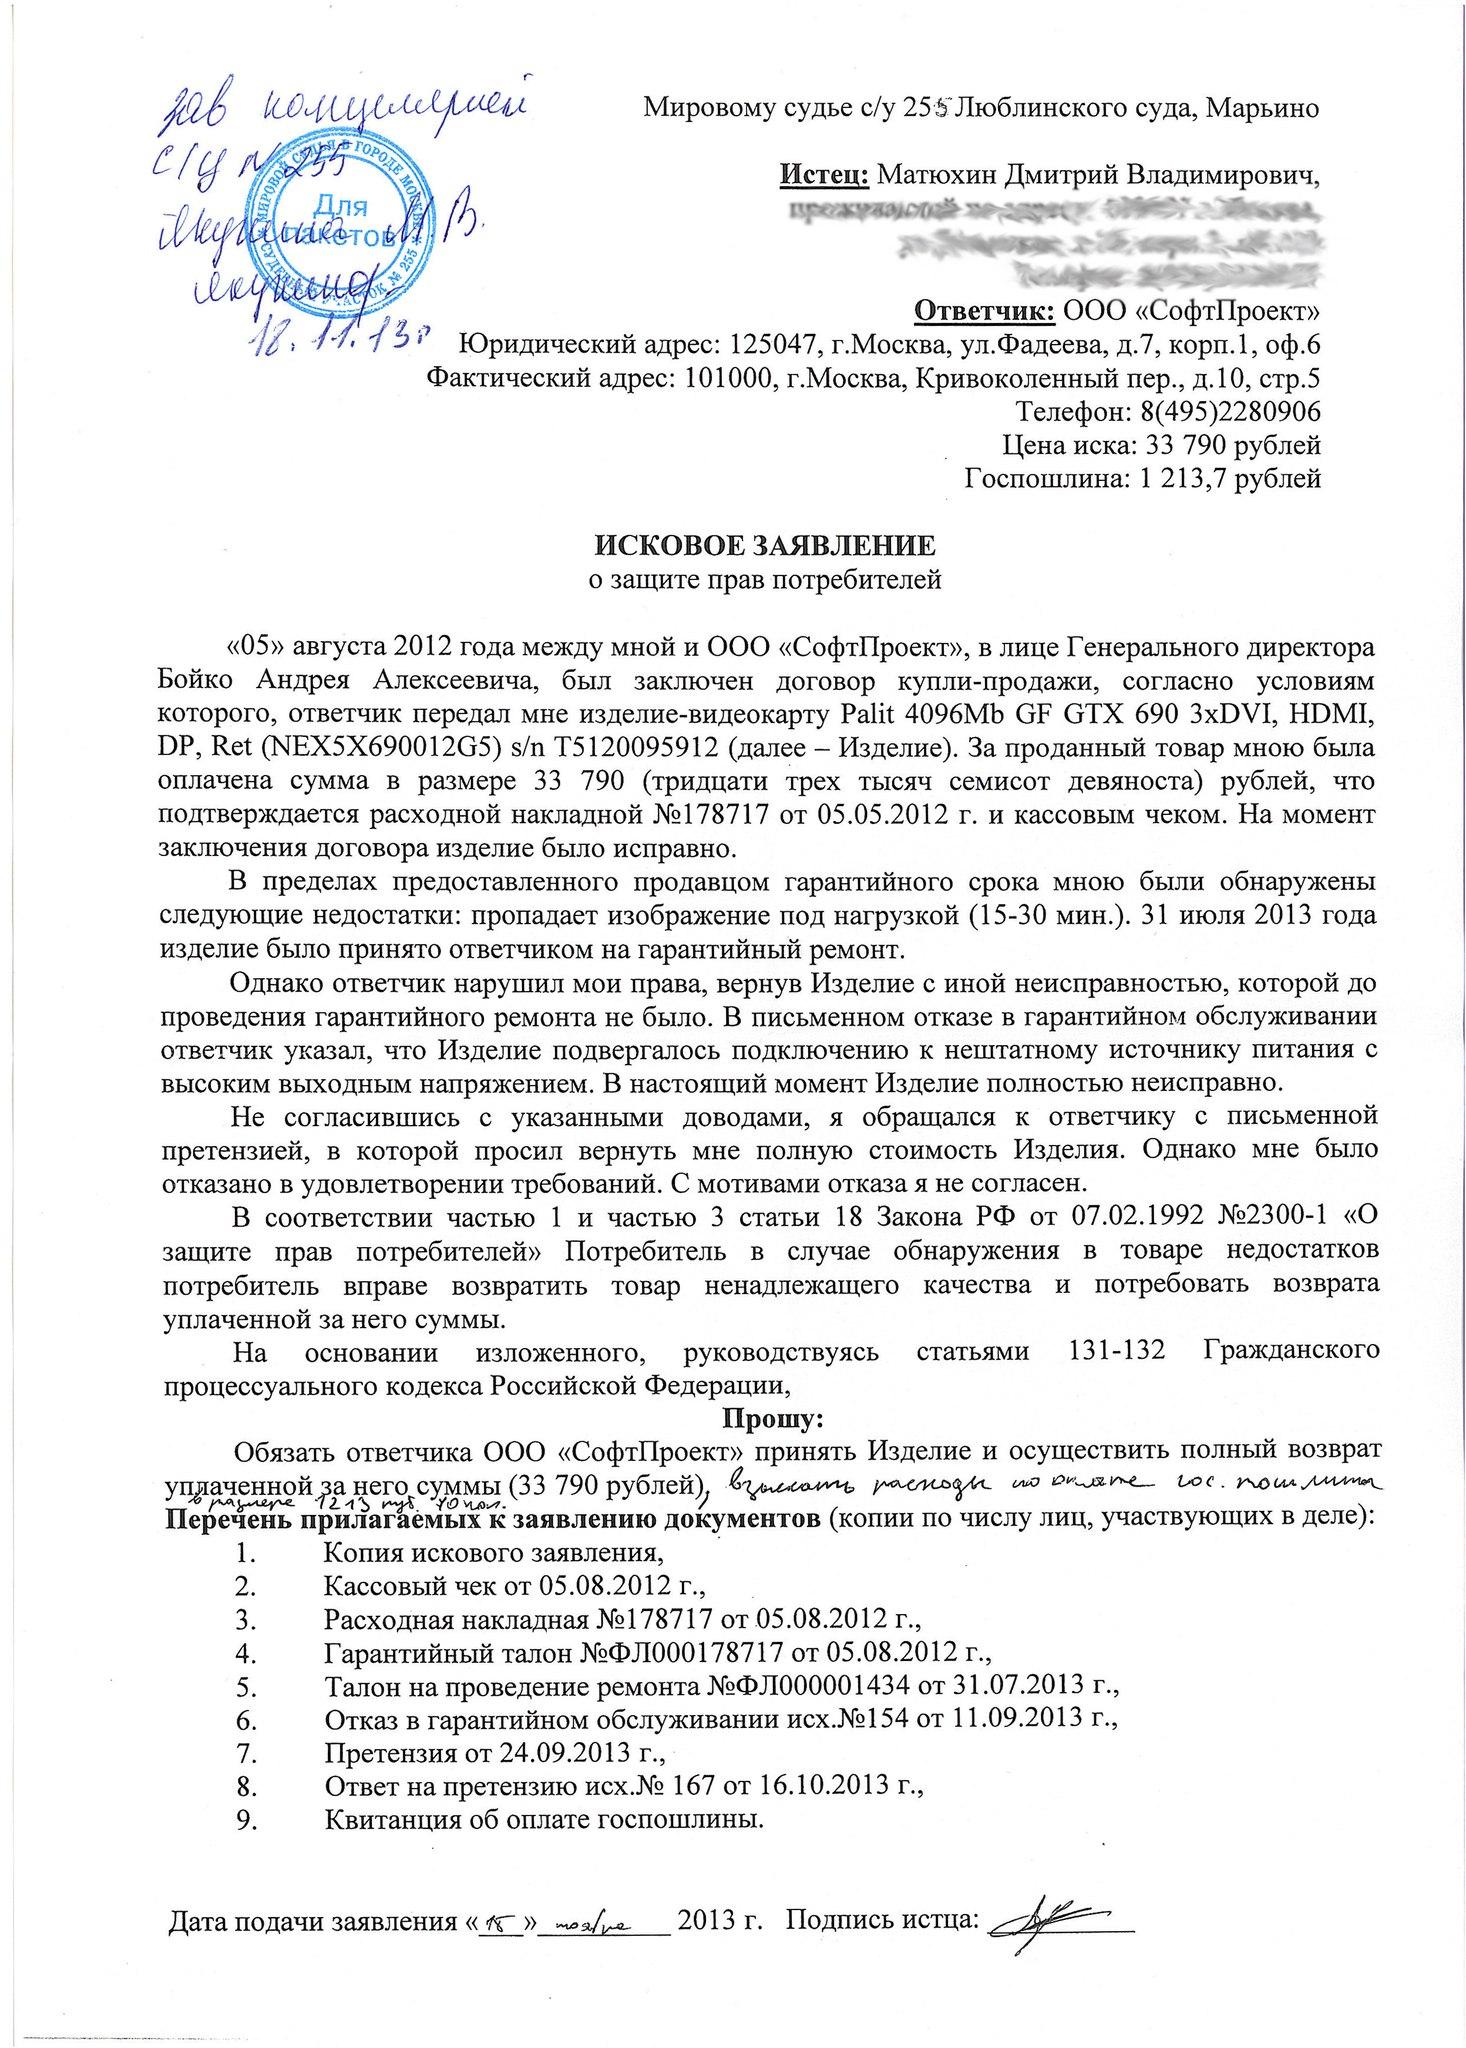 образец заявления в суд на условно досрочное освобождение на украине